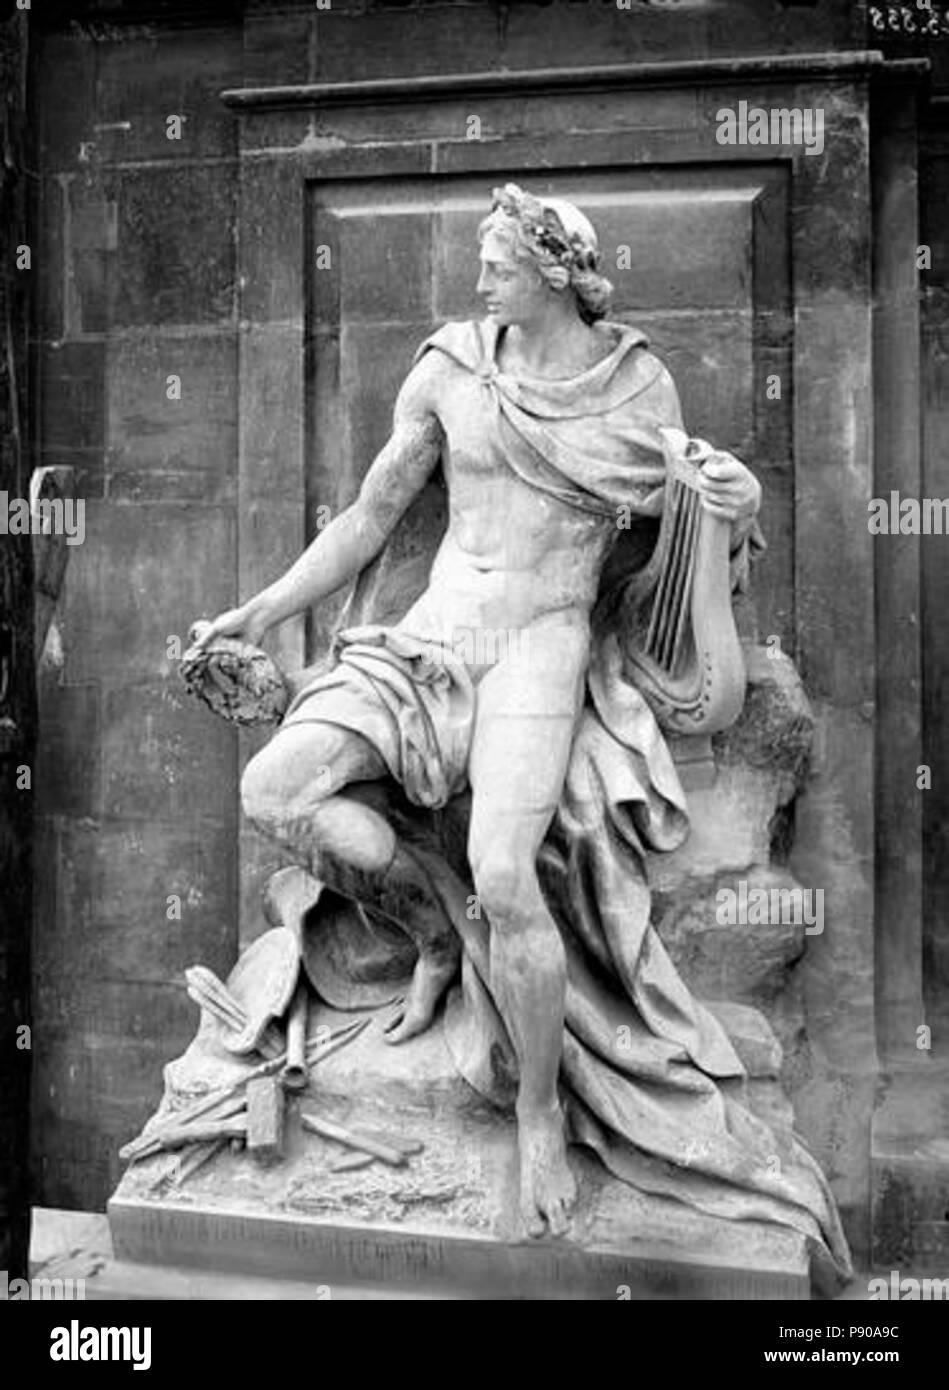 260 Domaine national du Palais-Royal - Cour d'honneur, statue d'Appollon ou Beaux-arts - Paris - Médiathèque de l'architecture et du patrimoine - APMH00023838 - Stock Image